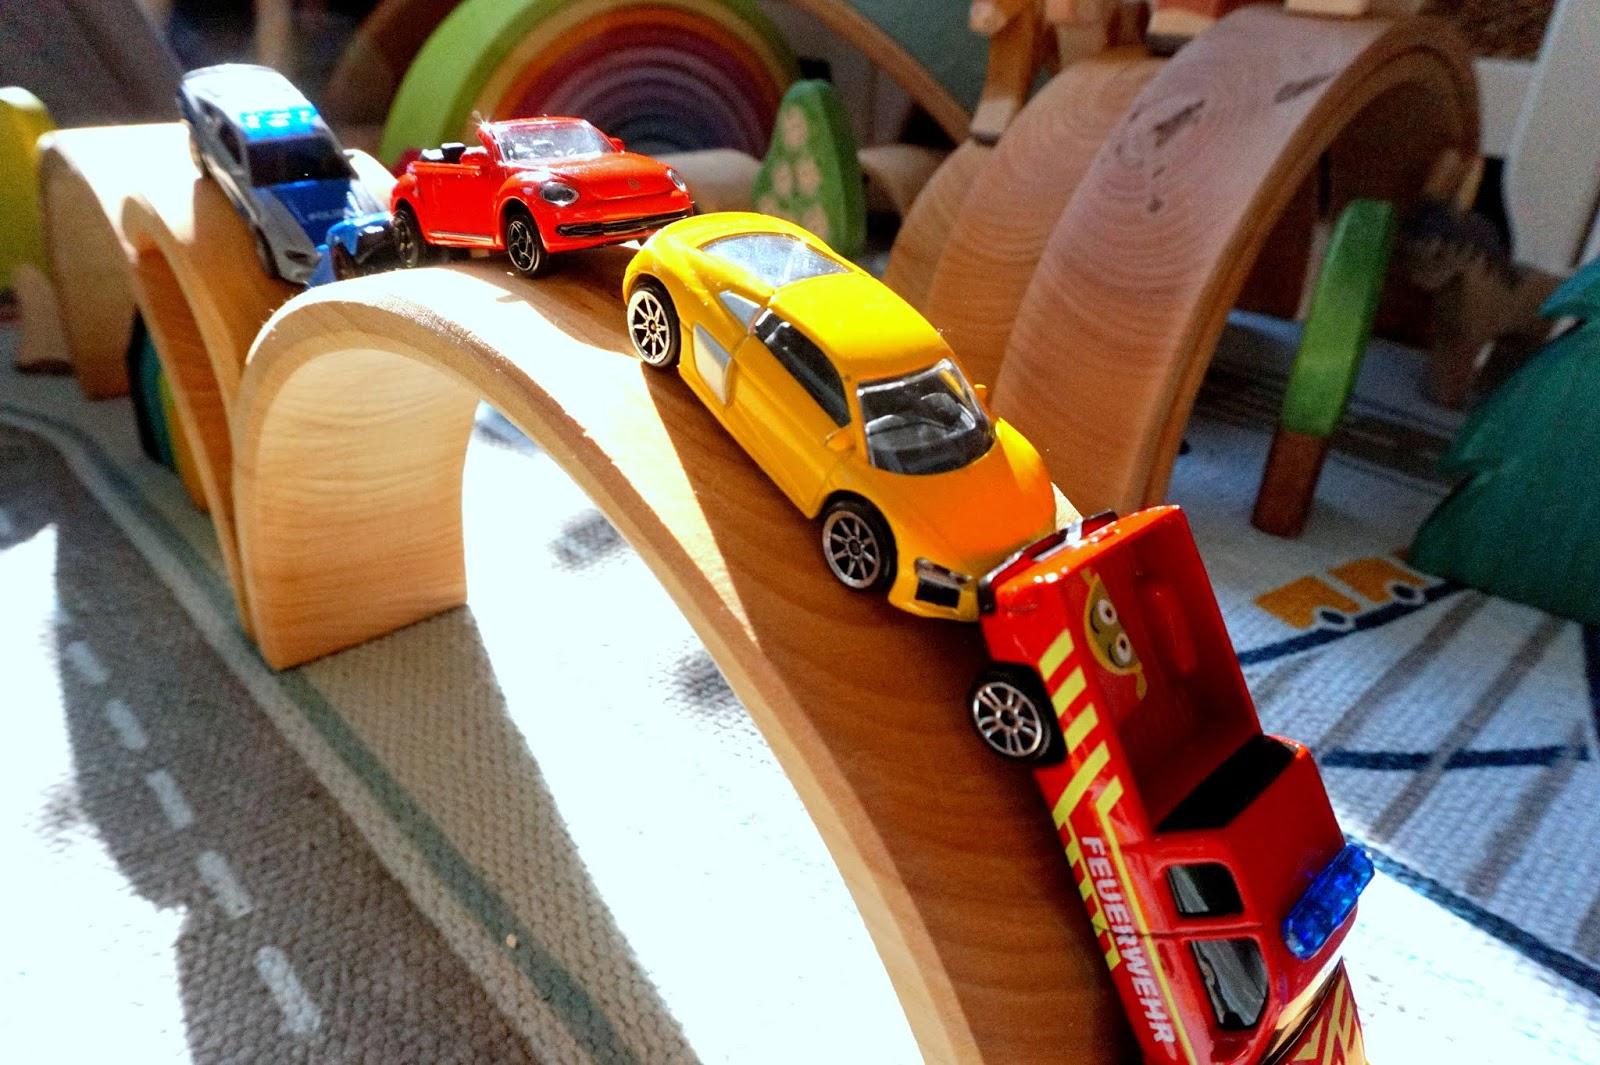 Geschenk Idee Für Kleine Auto Fans Sos Flashers Im Geschenk Set